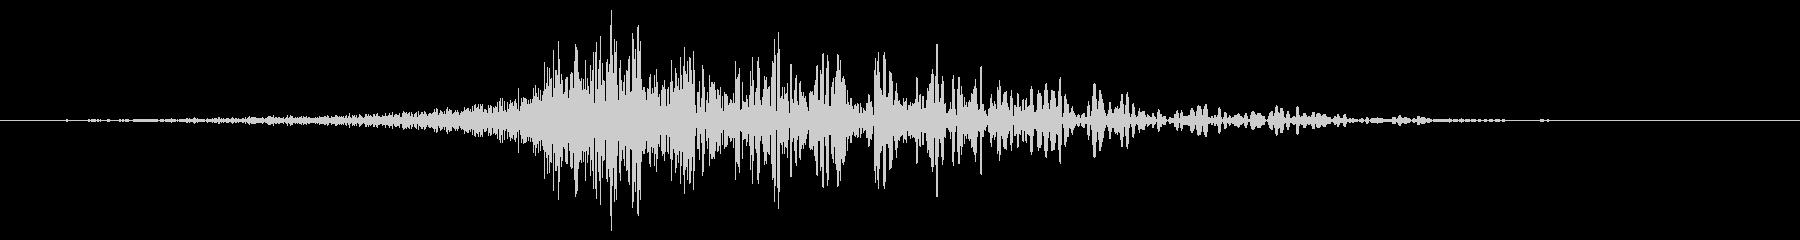 シューッという音EC02_54_2の未再生の波形